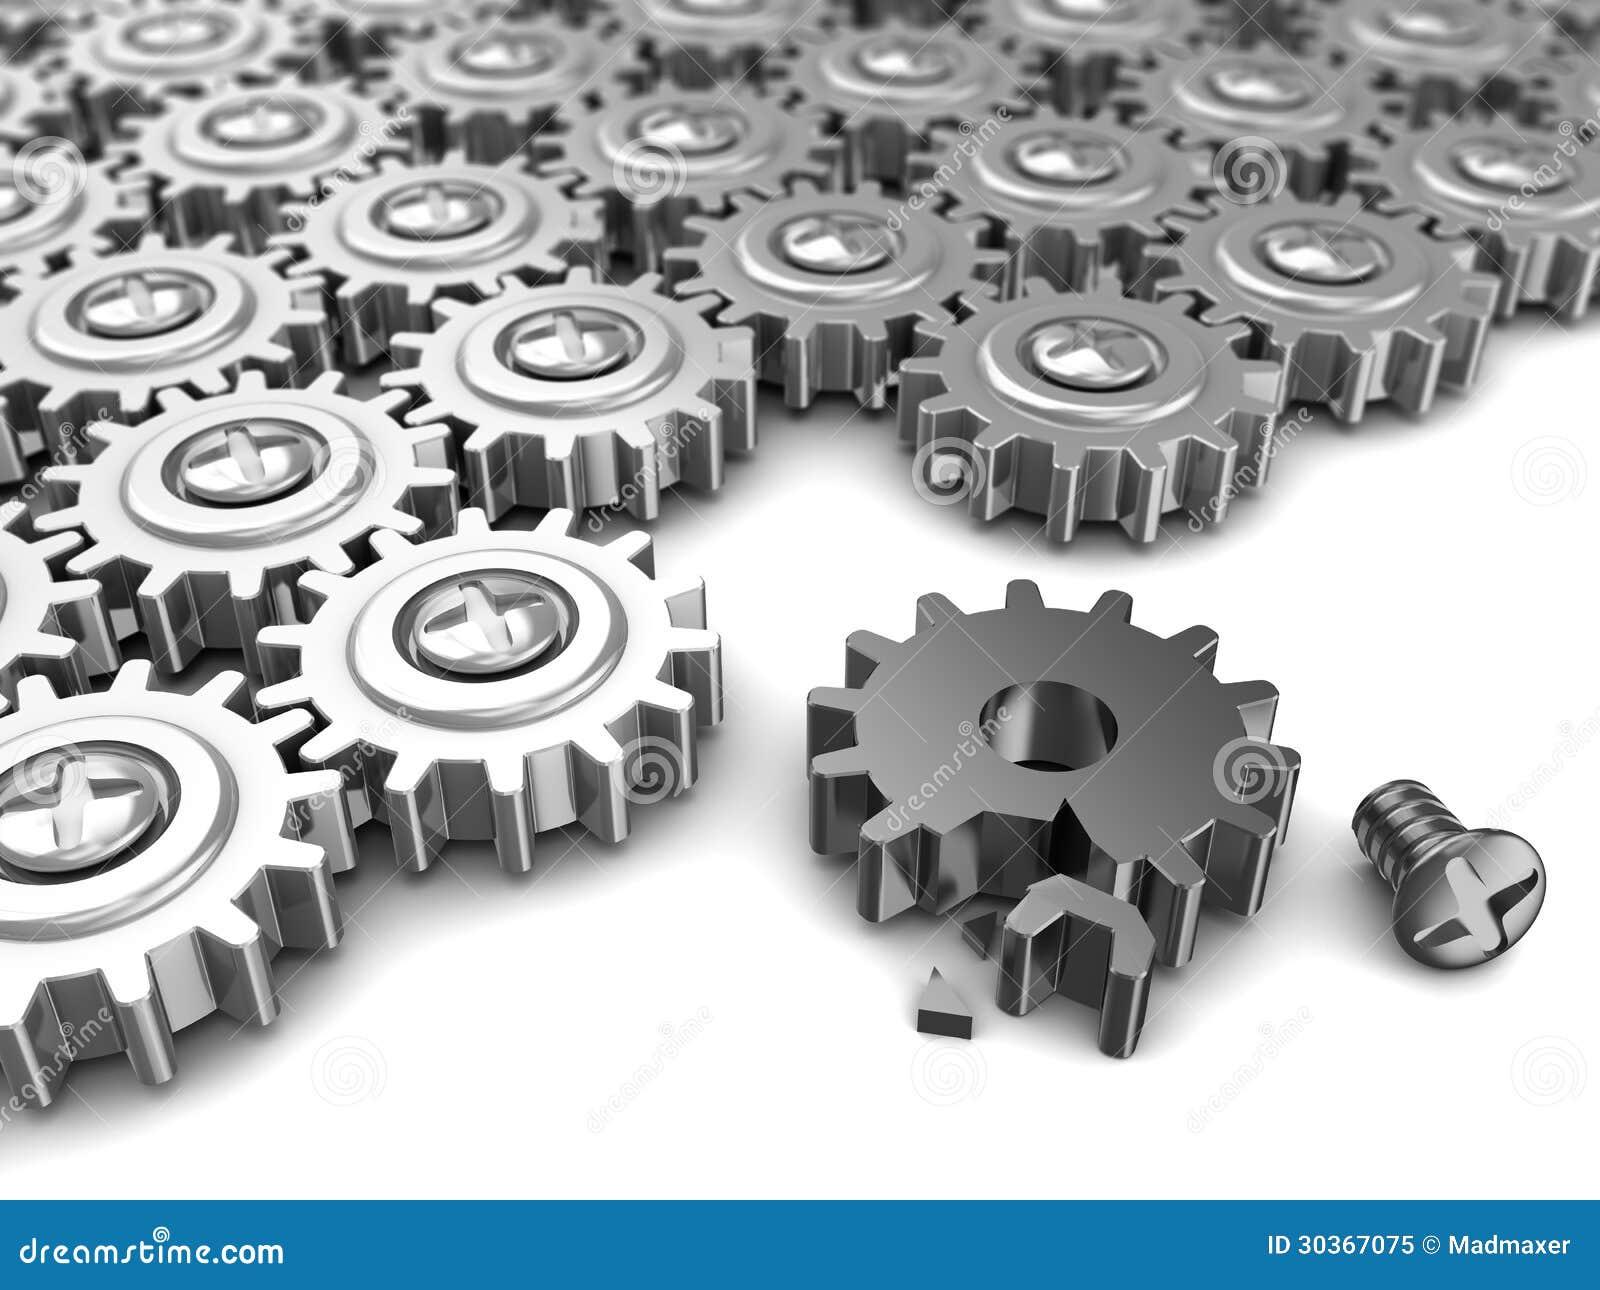 Broken mechanism stock illustration. Illustration of ...